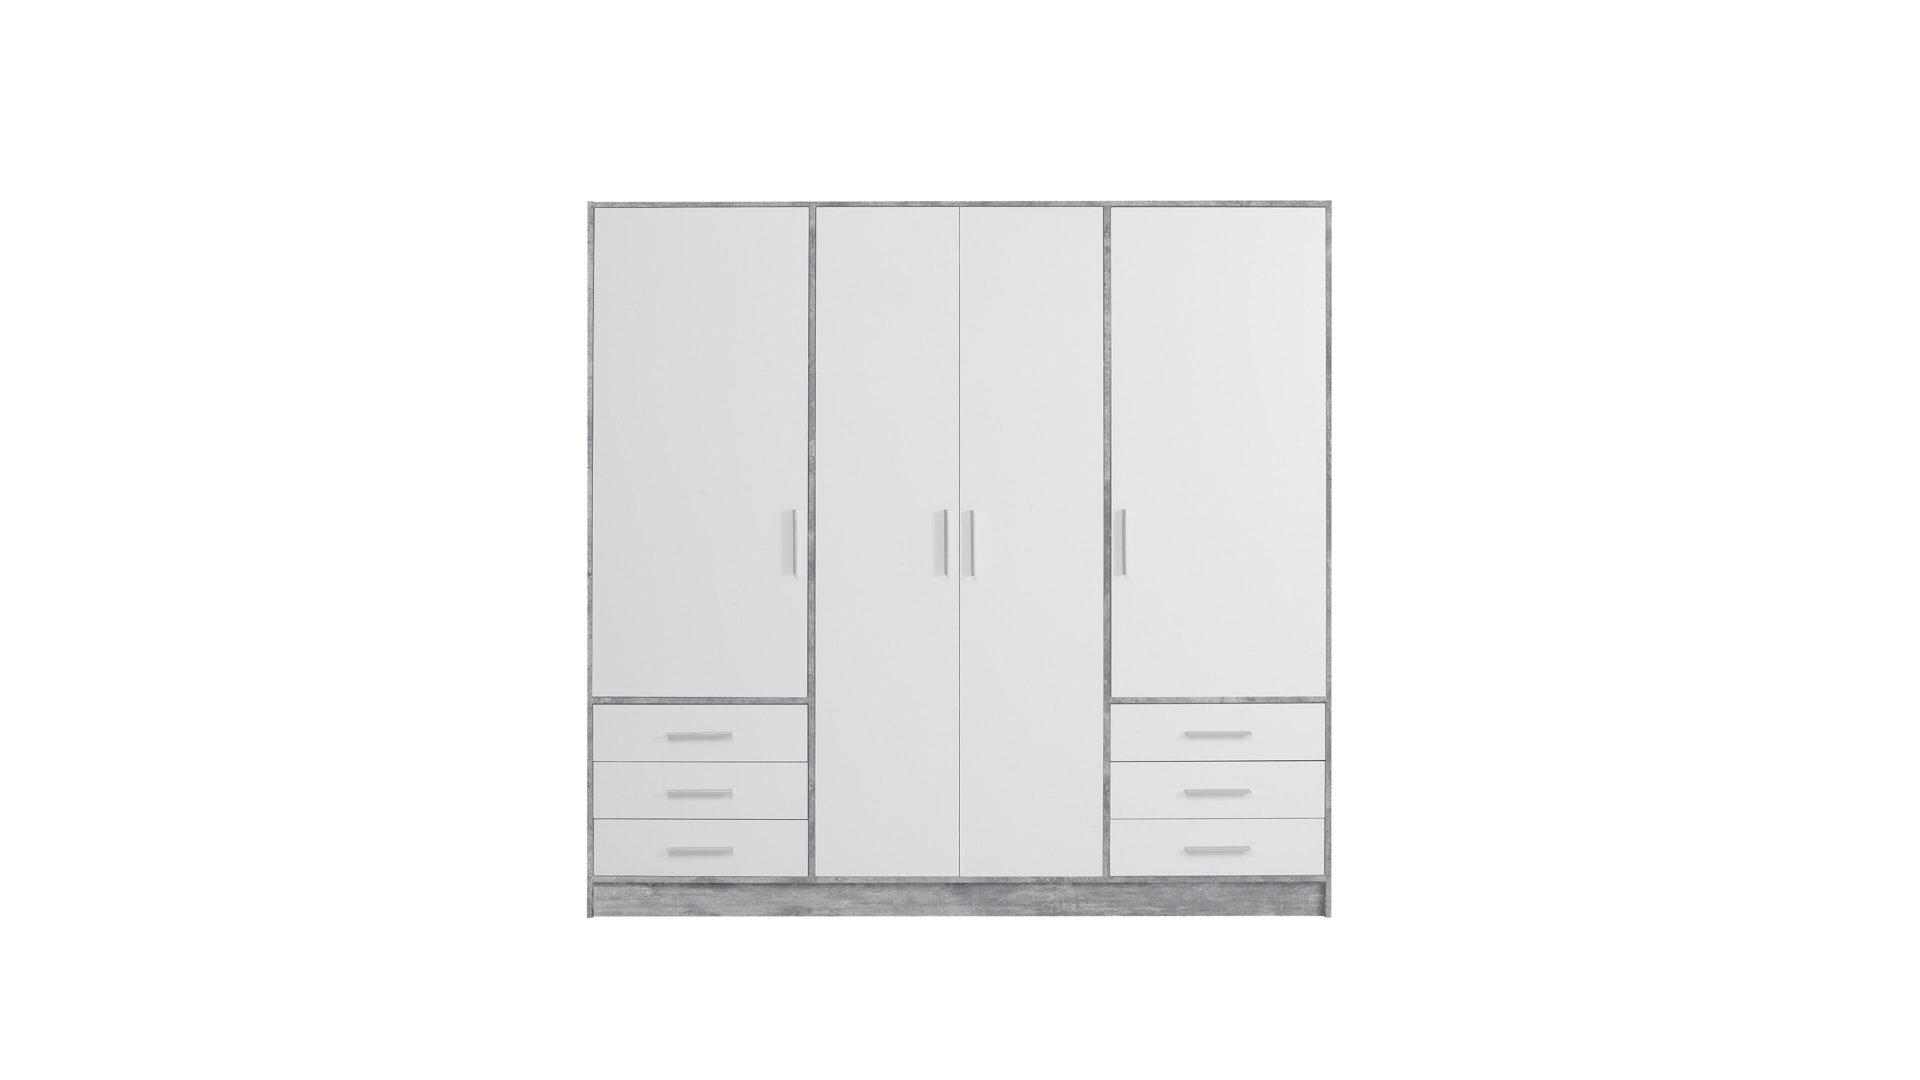 Kleiderschrank Lichtgrau Betonfarbene Weiße Kunststoffoberflächen